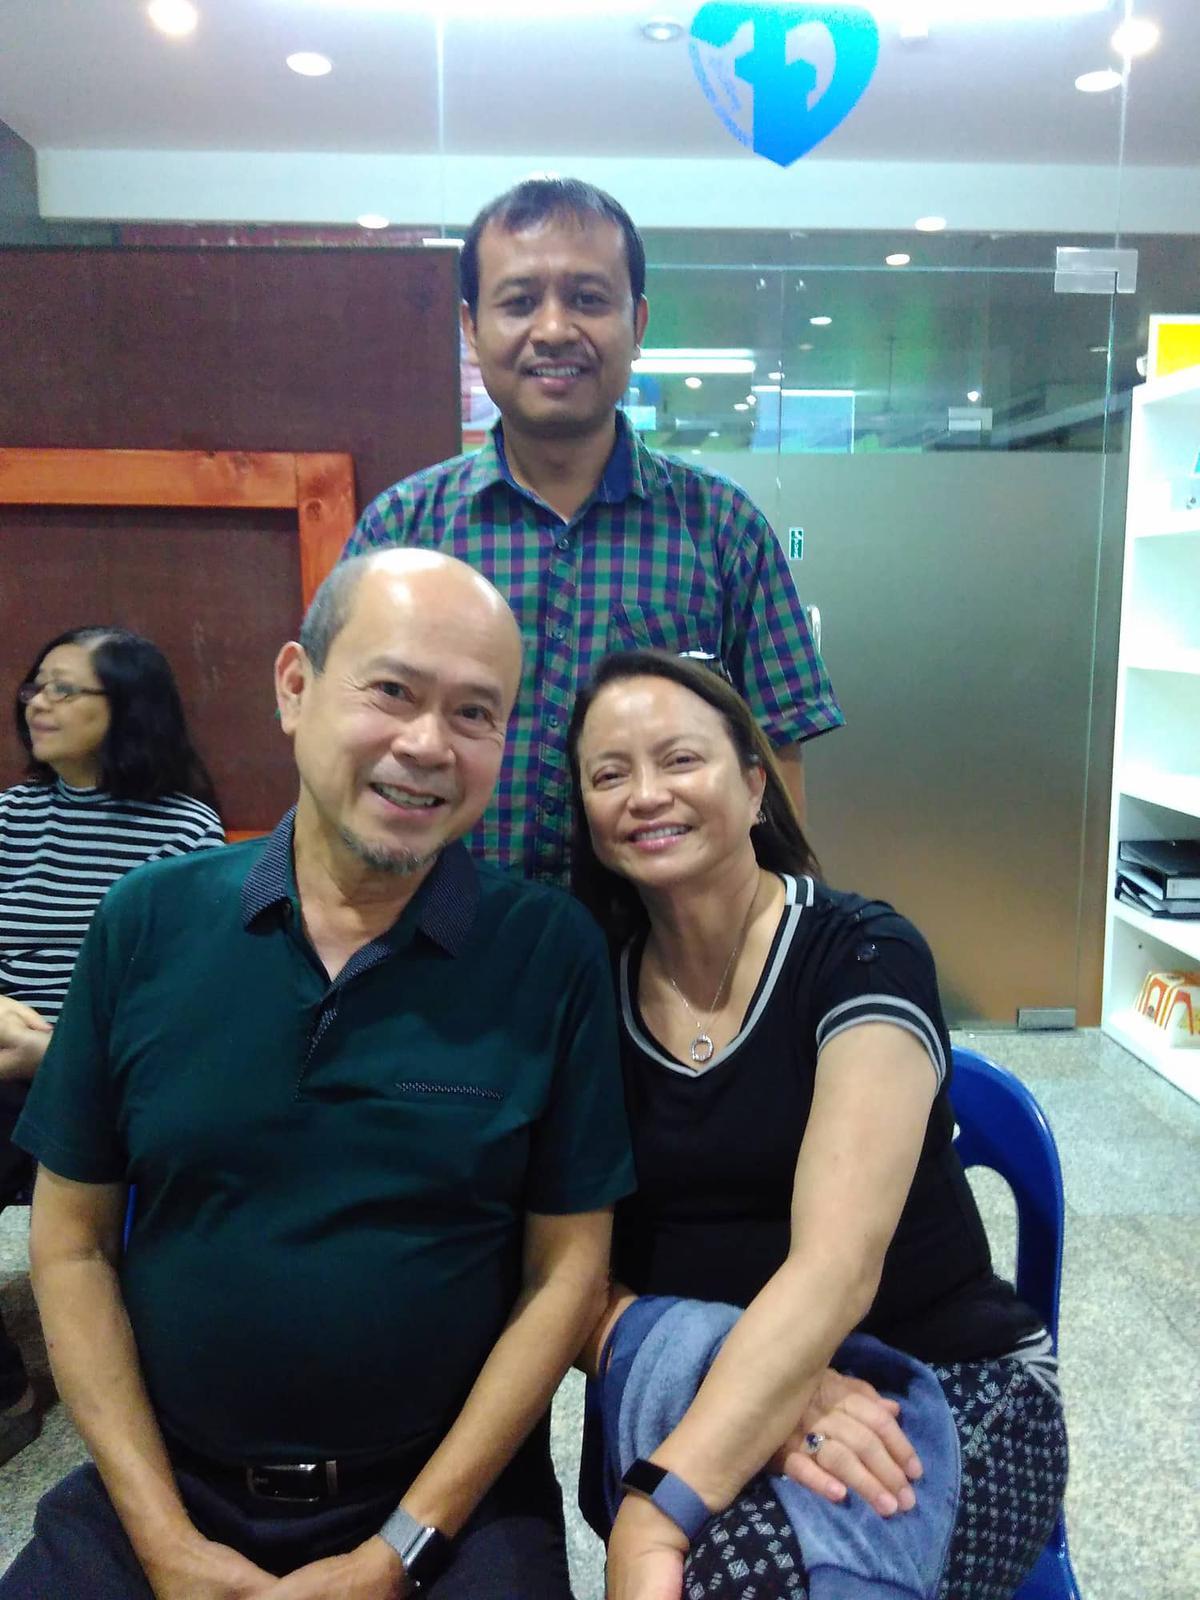 Thang from Bangkok, Thailand